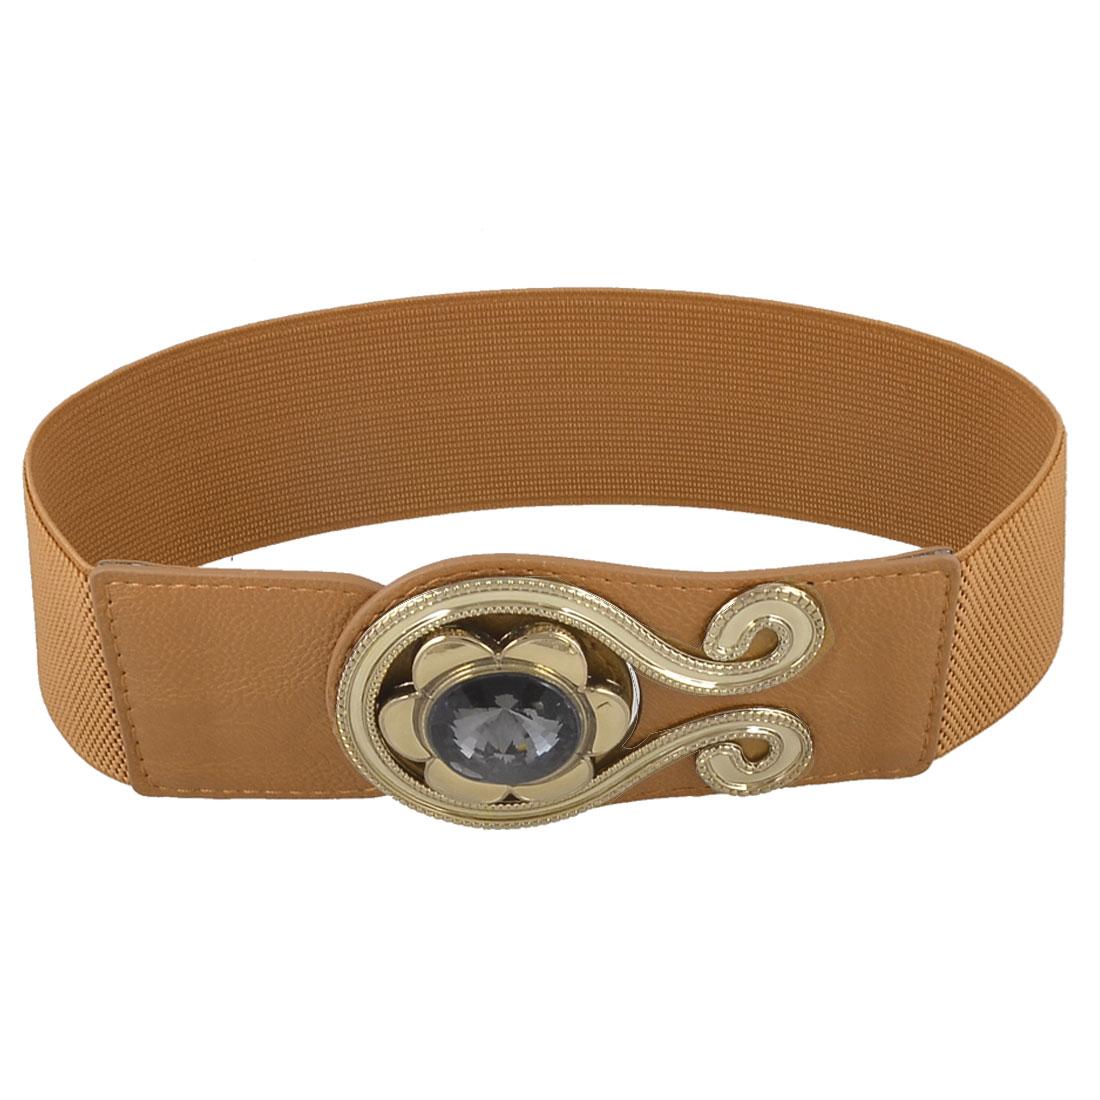 Ladies Bling Round Crystal Metal Interlocking Buckle Brown Elastic Waist Belt